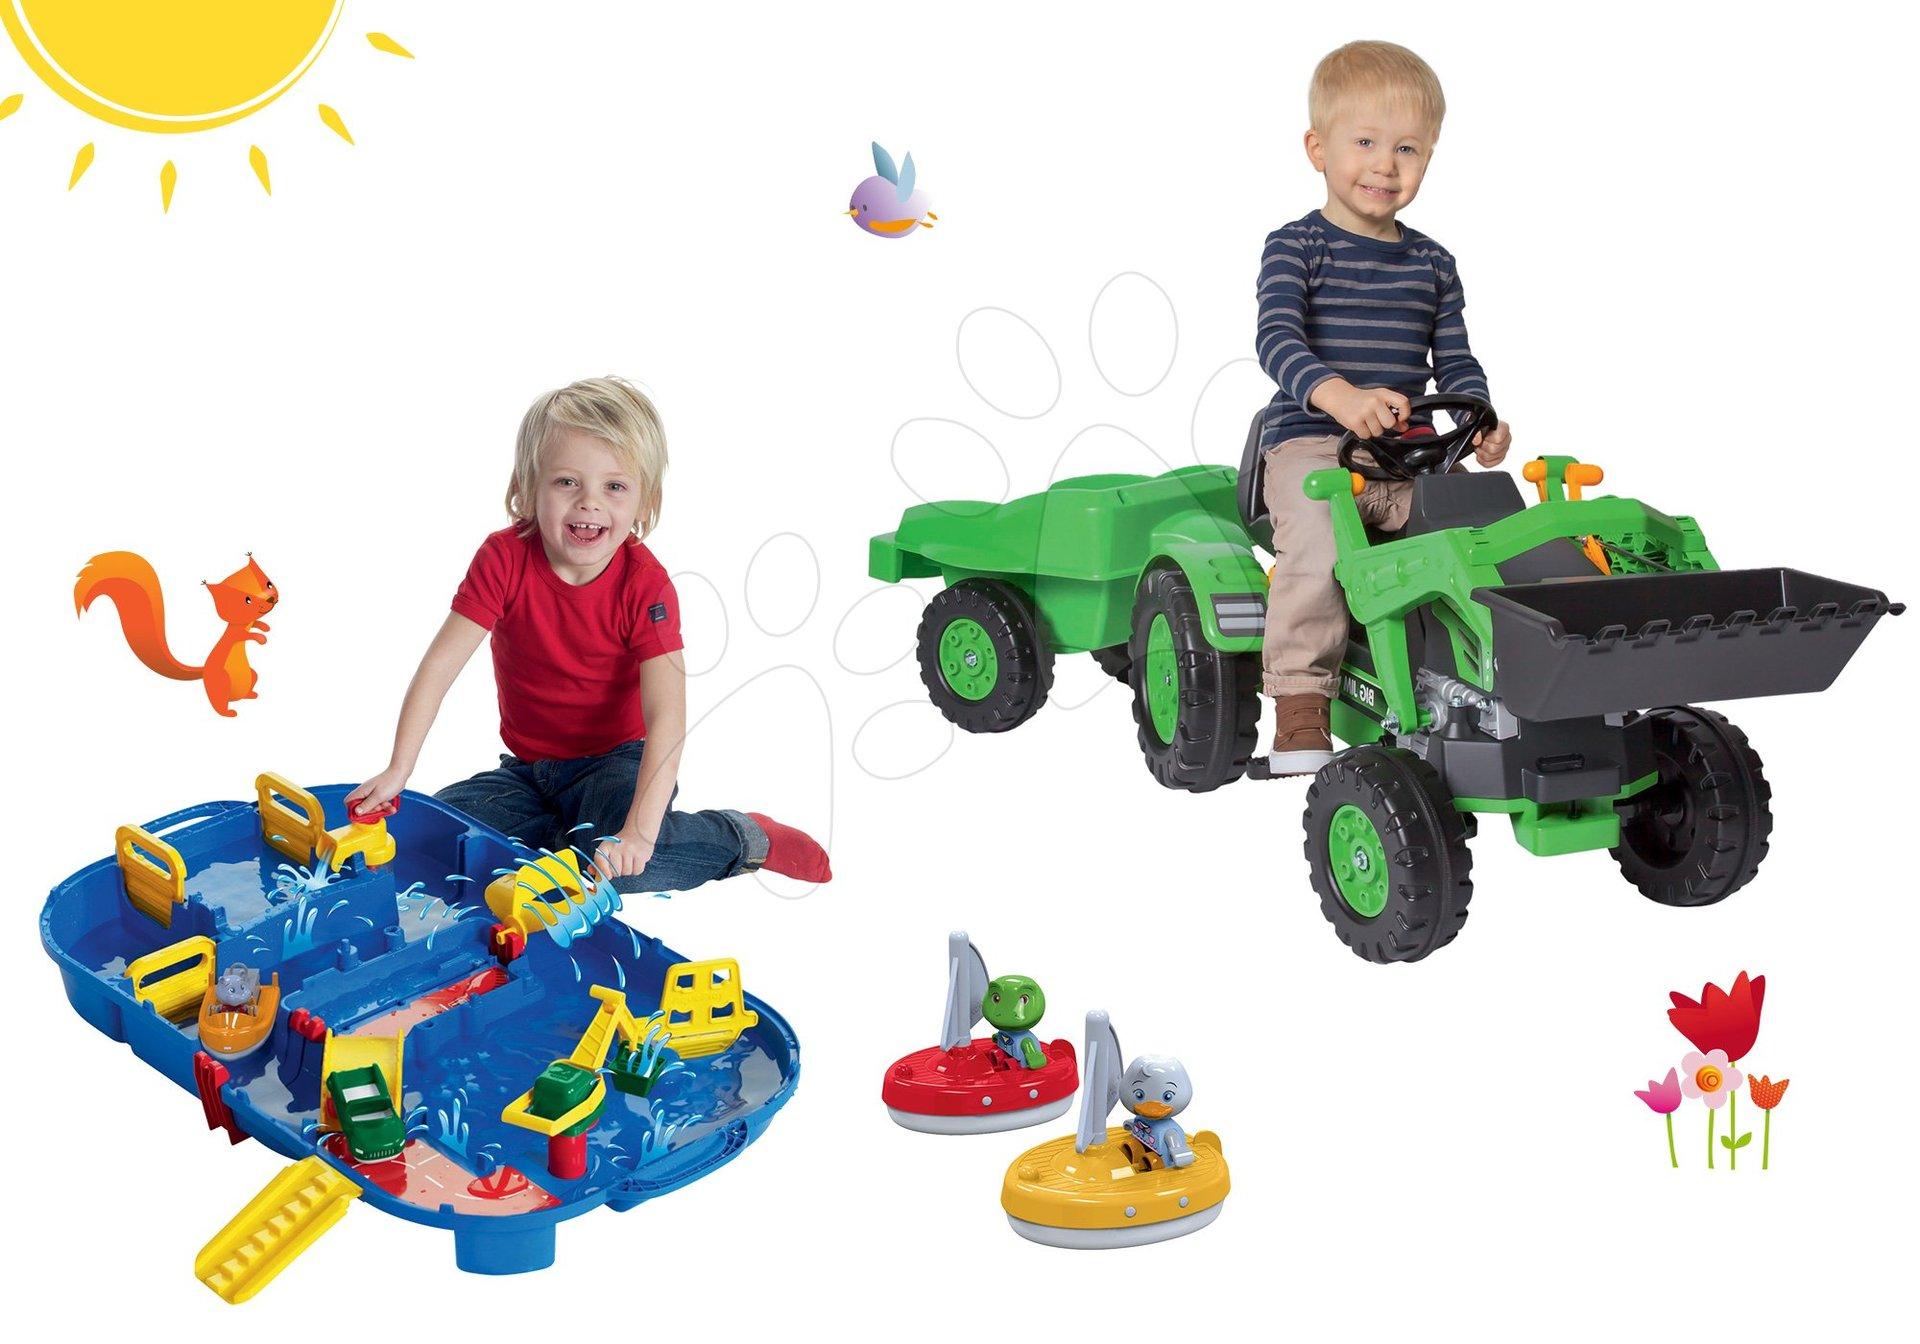 Set šliapací traktor Jim Loader BIG s nakladačom a prívesom a vodná dráha Aquaplay Lock Box v kufríku s loďkami